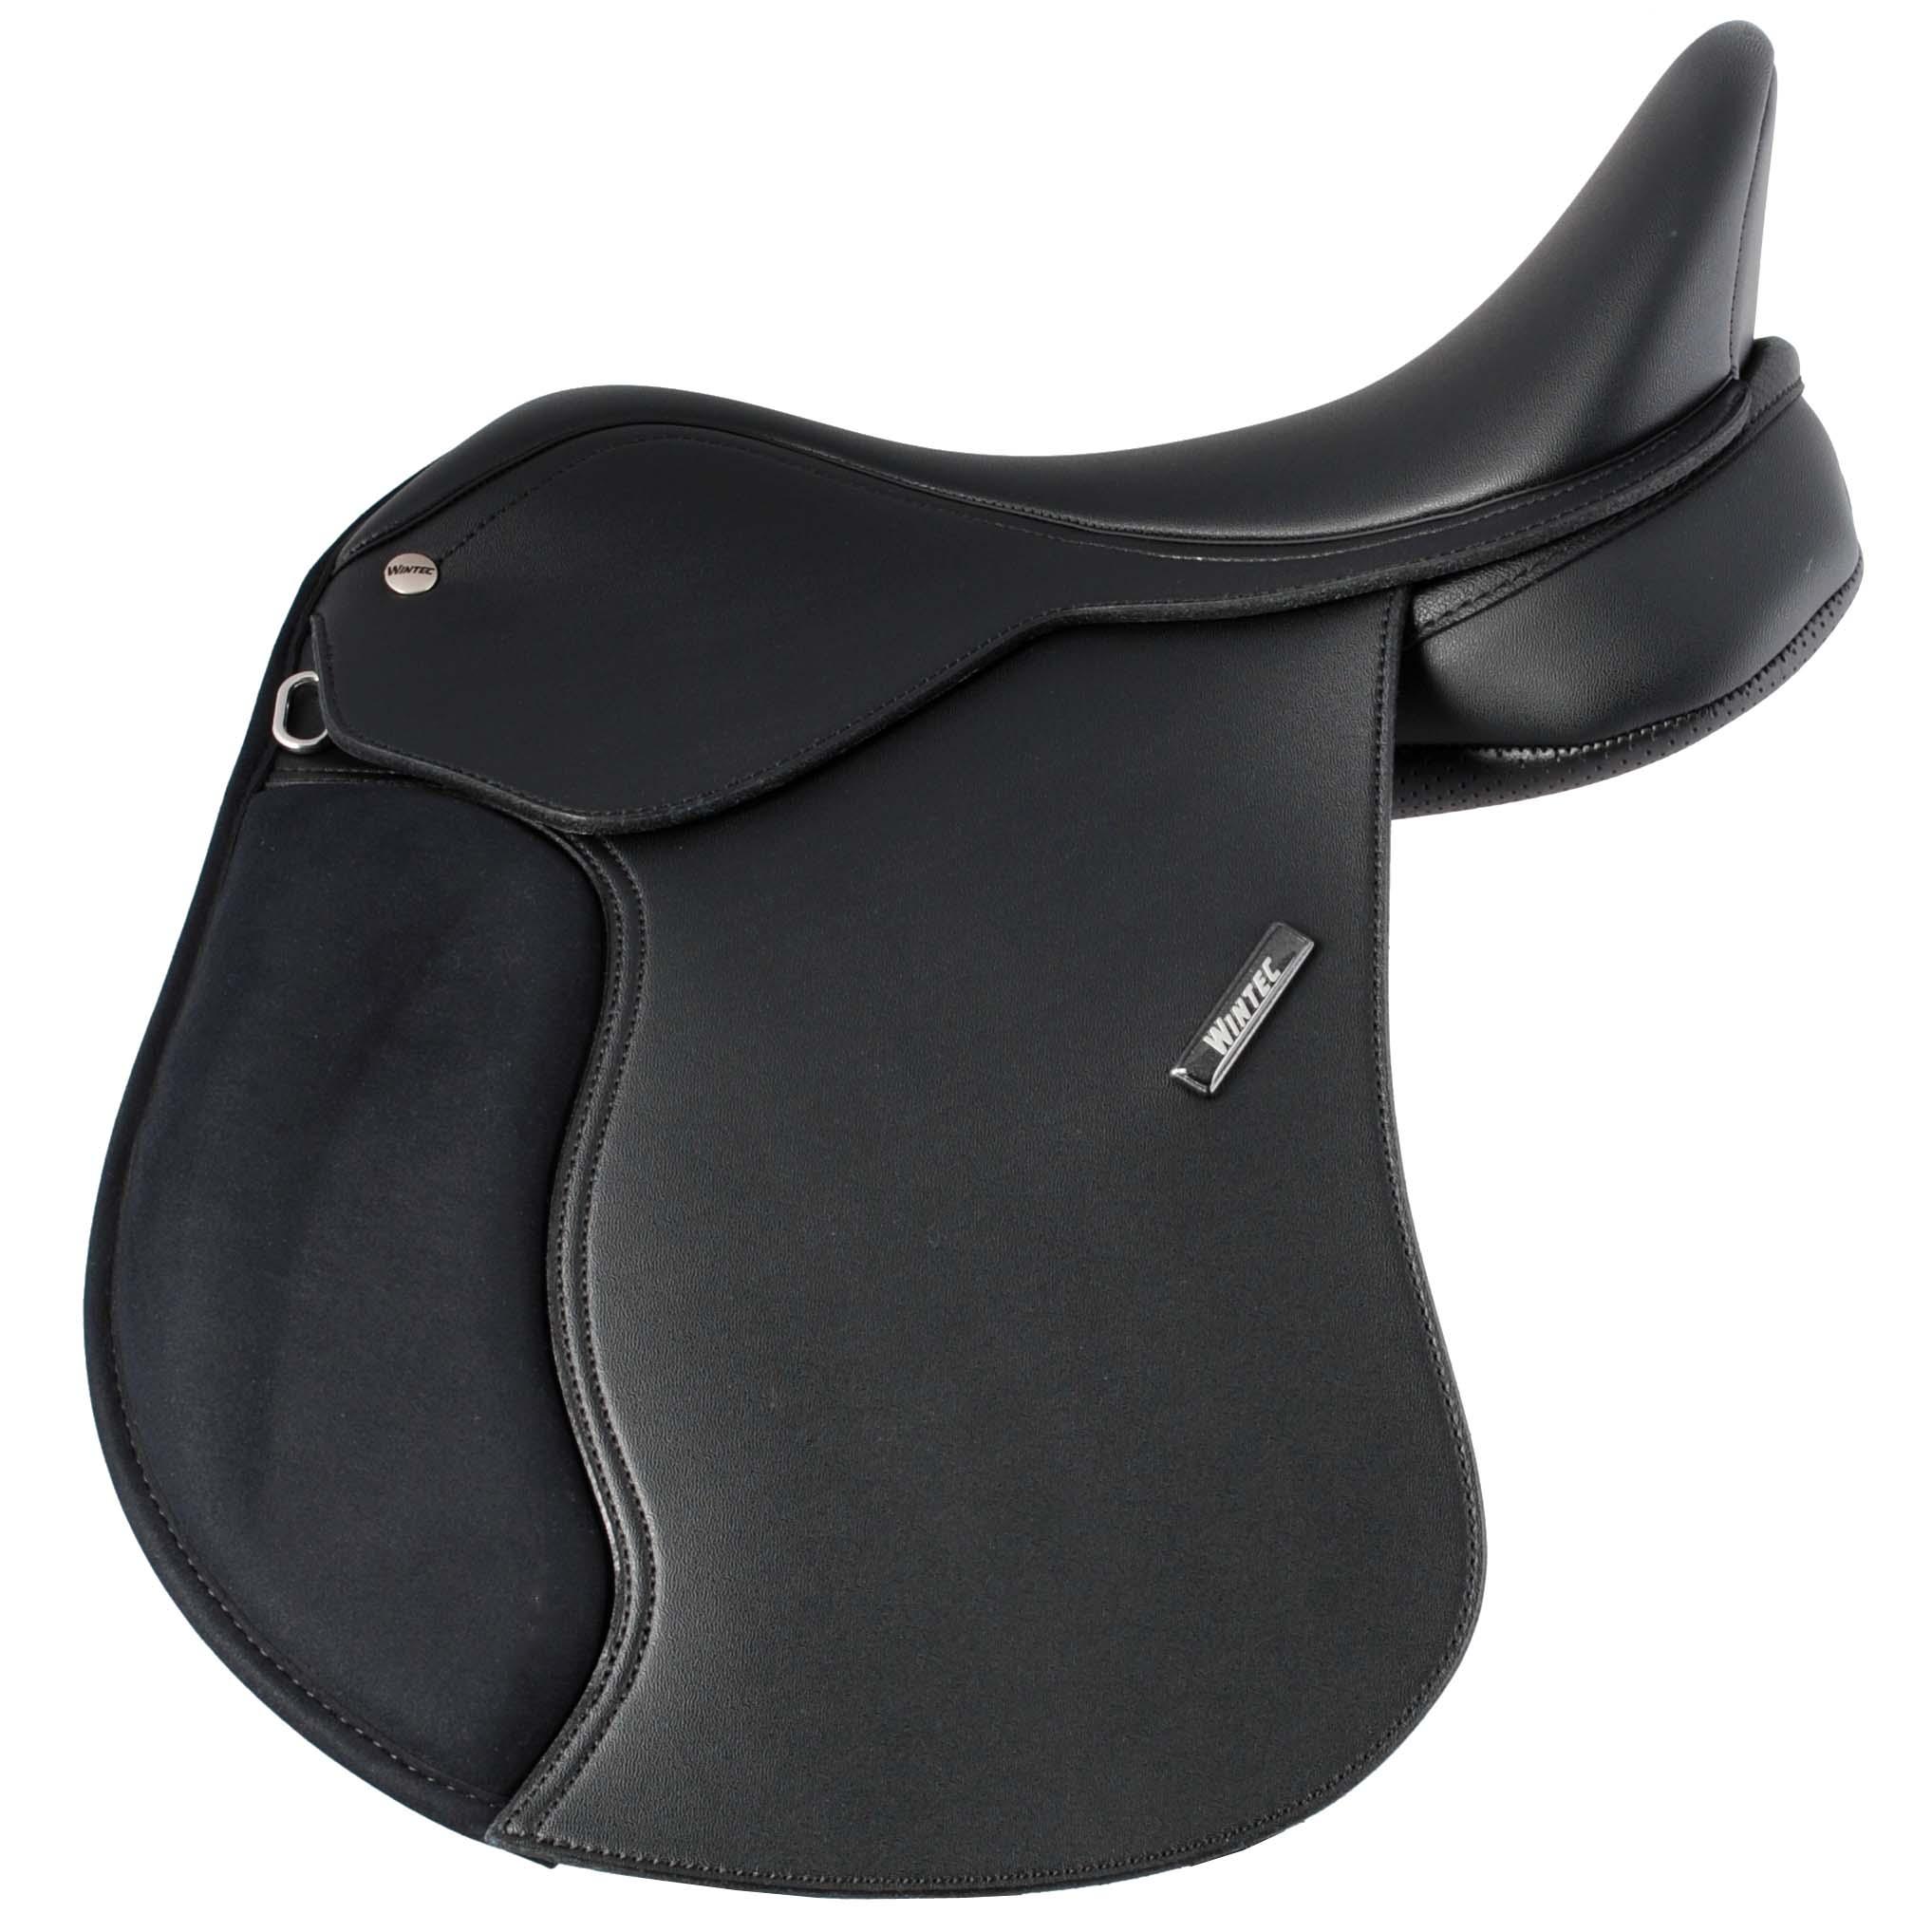 Wintec 500 pony zadel zwart maat:14